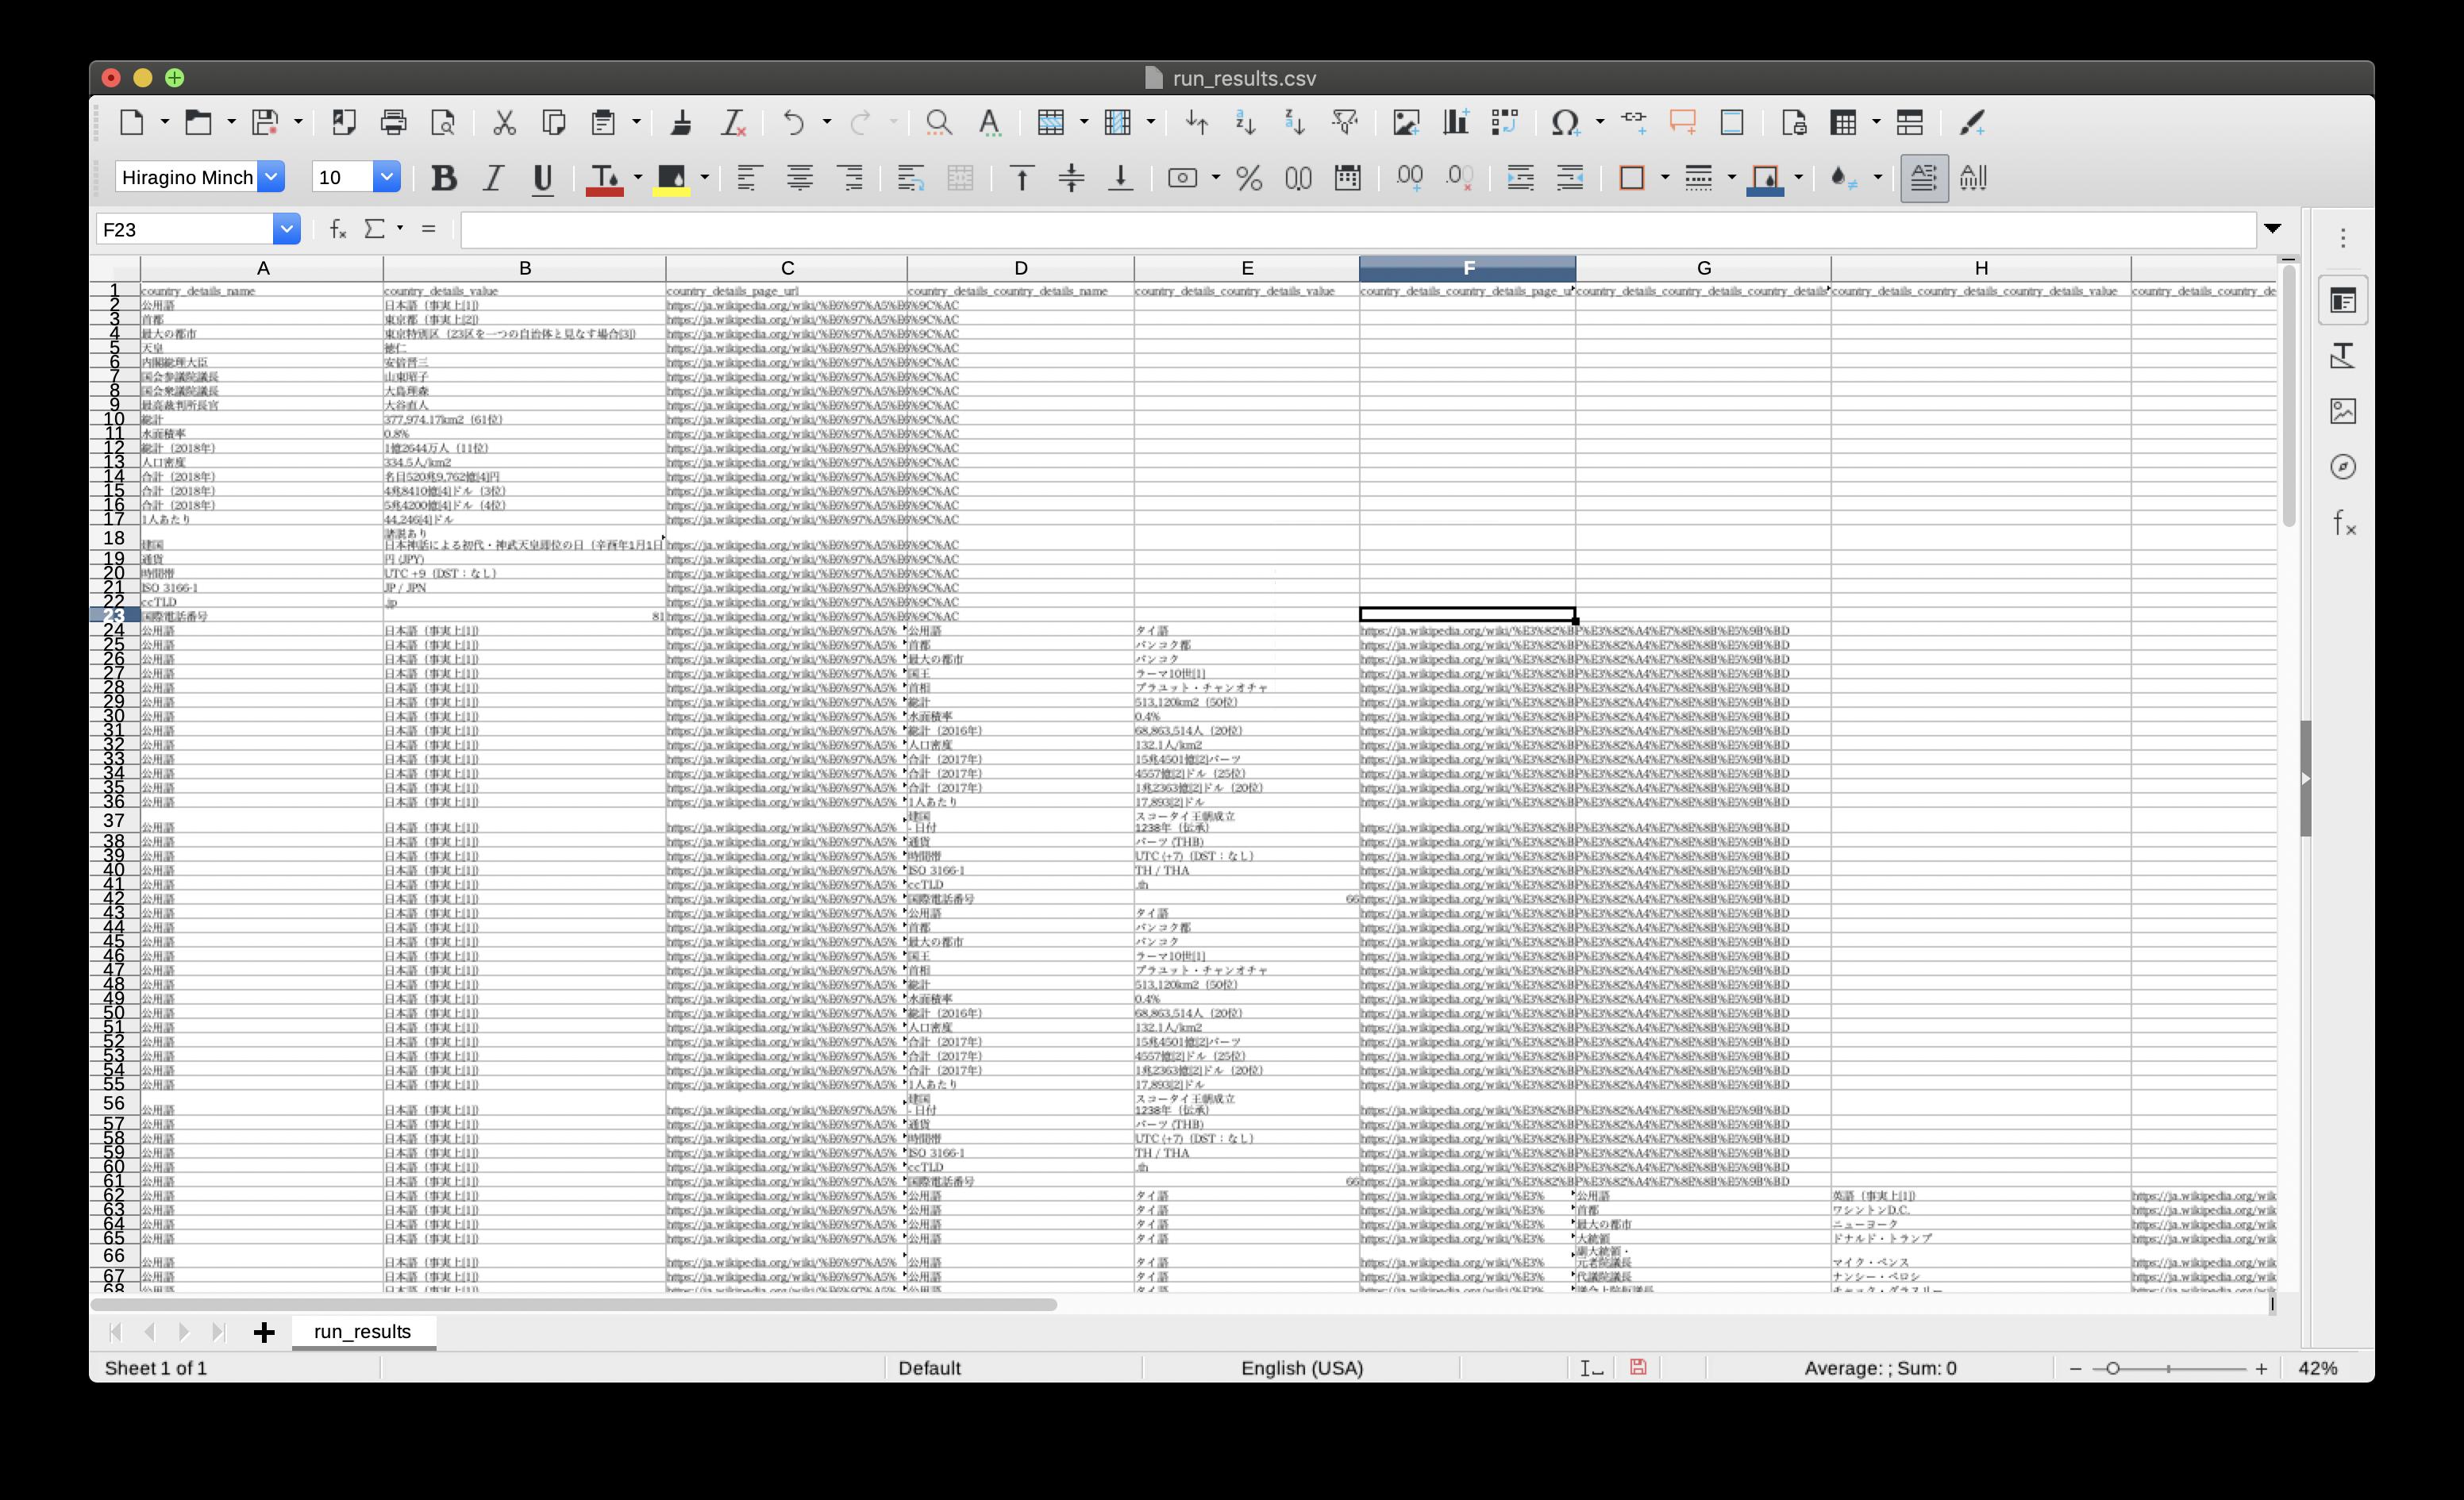 必見!WebデータをExcelに取り込む方法 | Octoparse